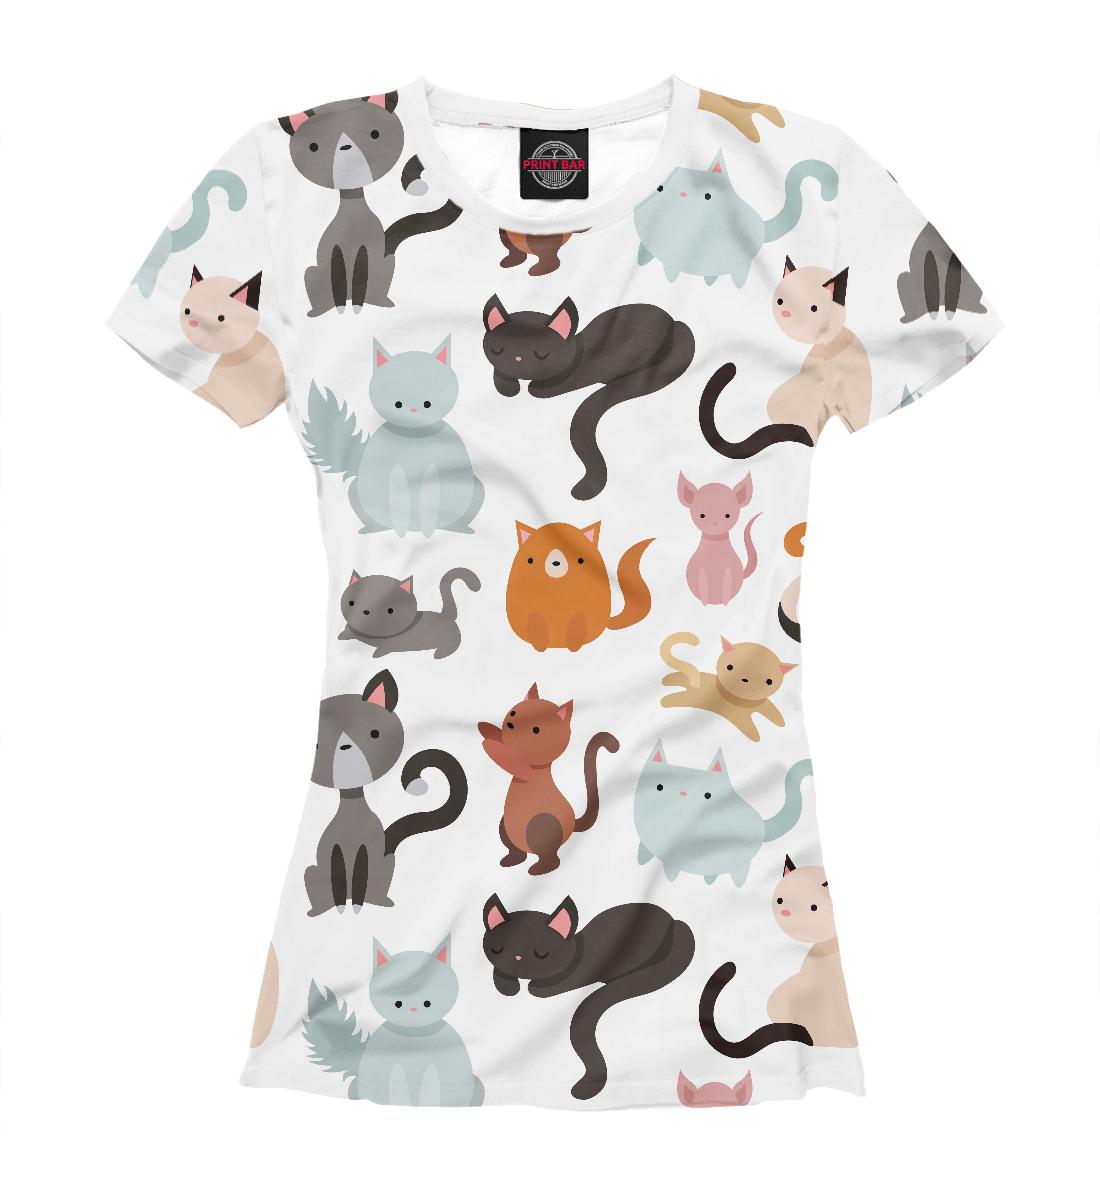 Купить Коты и кошки, Printbar, Футболки, CAT-594968-fut-1